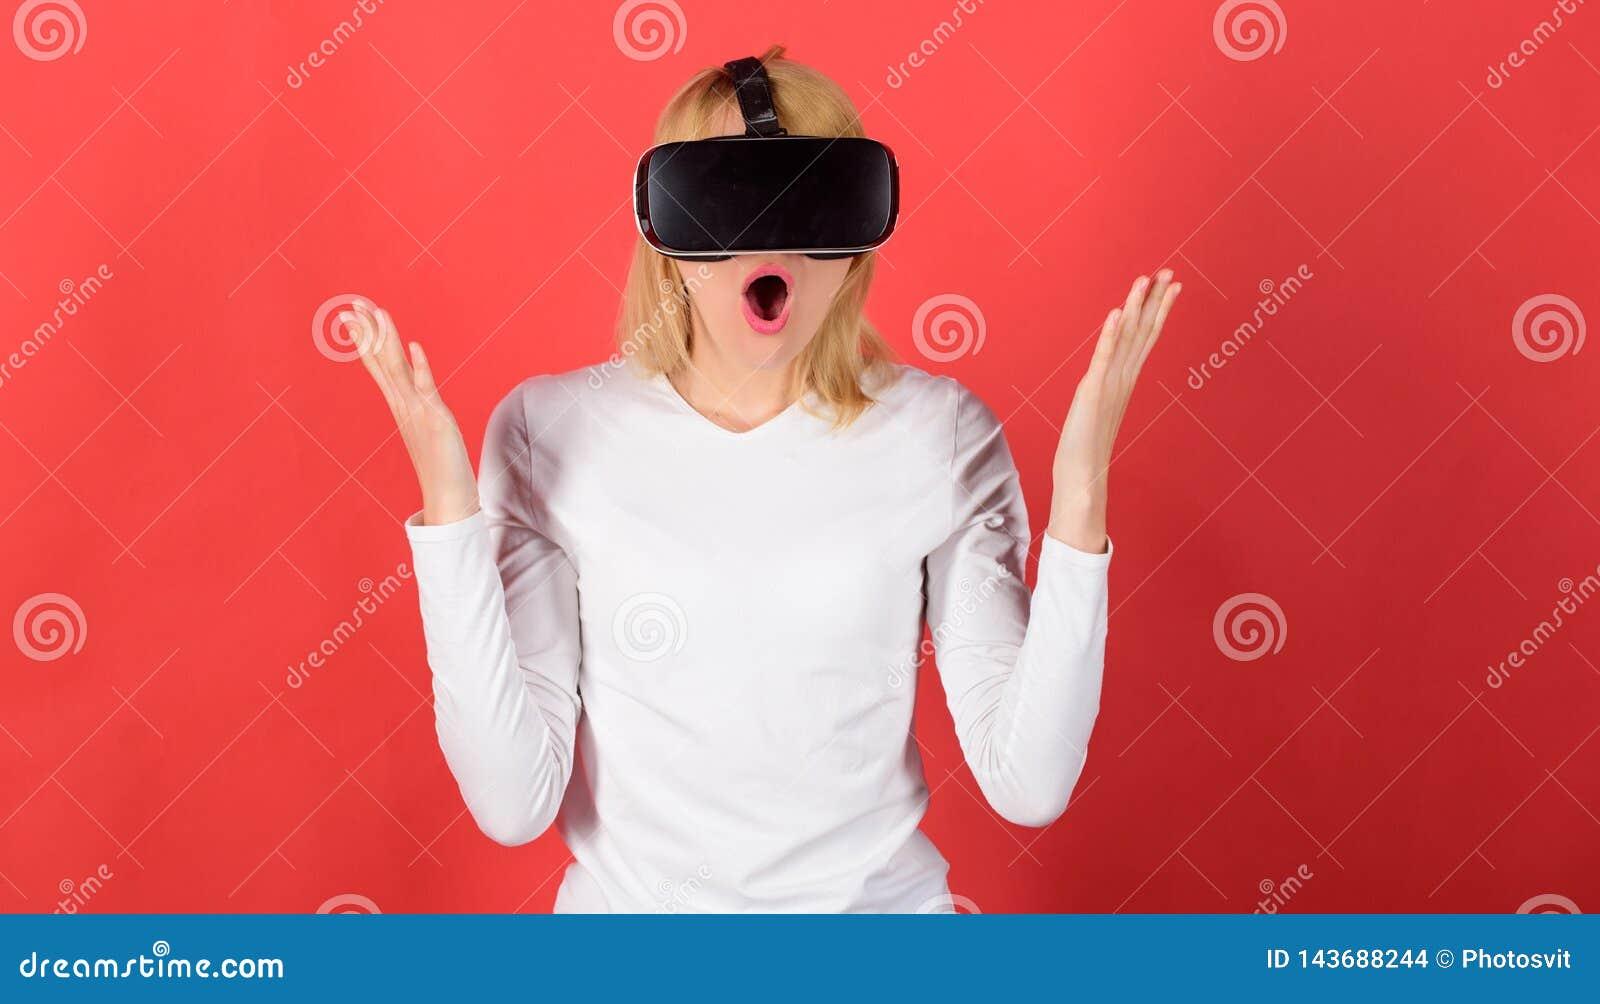 Ritratto di una ragazza stupita che per mezzo di una cuffia avricolare di realtà virtuale isolata su fondo rosso Persona con real